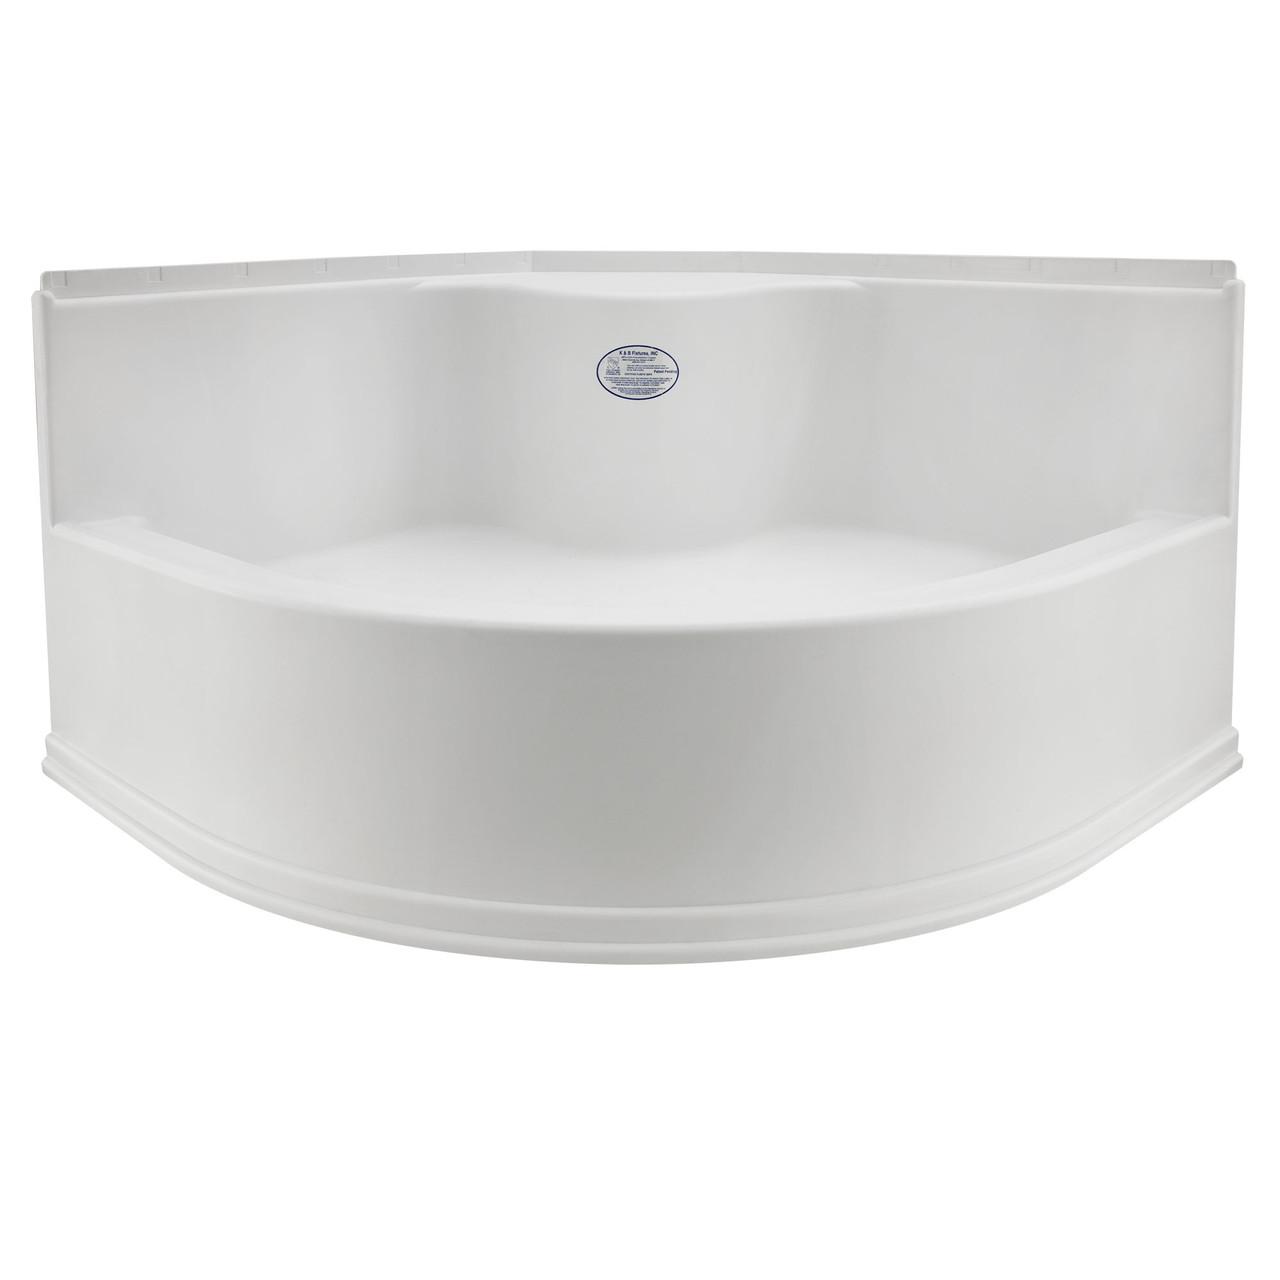 RV Shower Base Camper Shower Pan 36 x 24 x 5 Left Drain in White RecPro RV Shower Pan